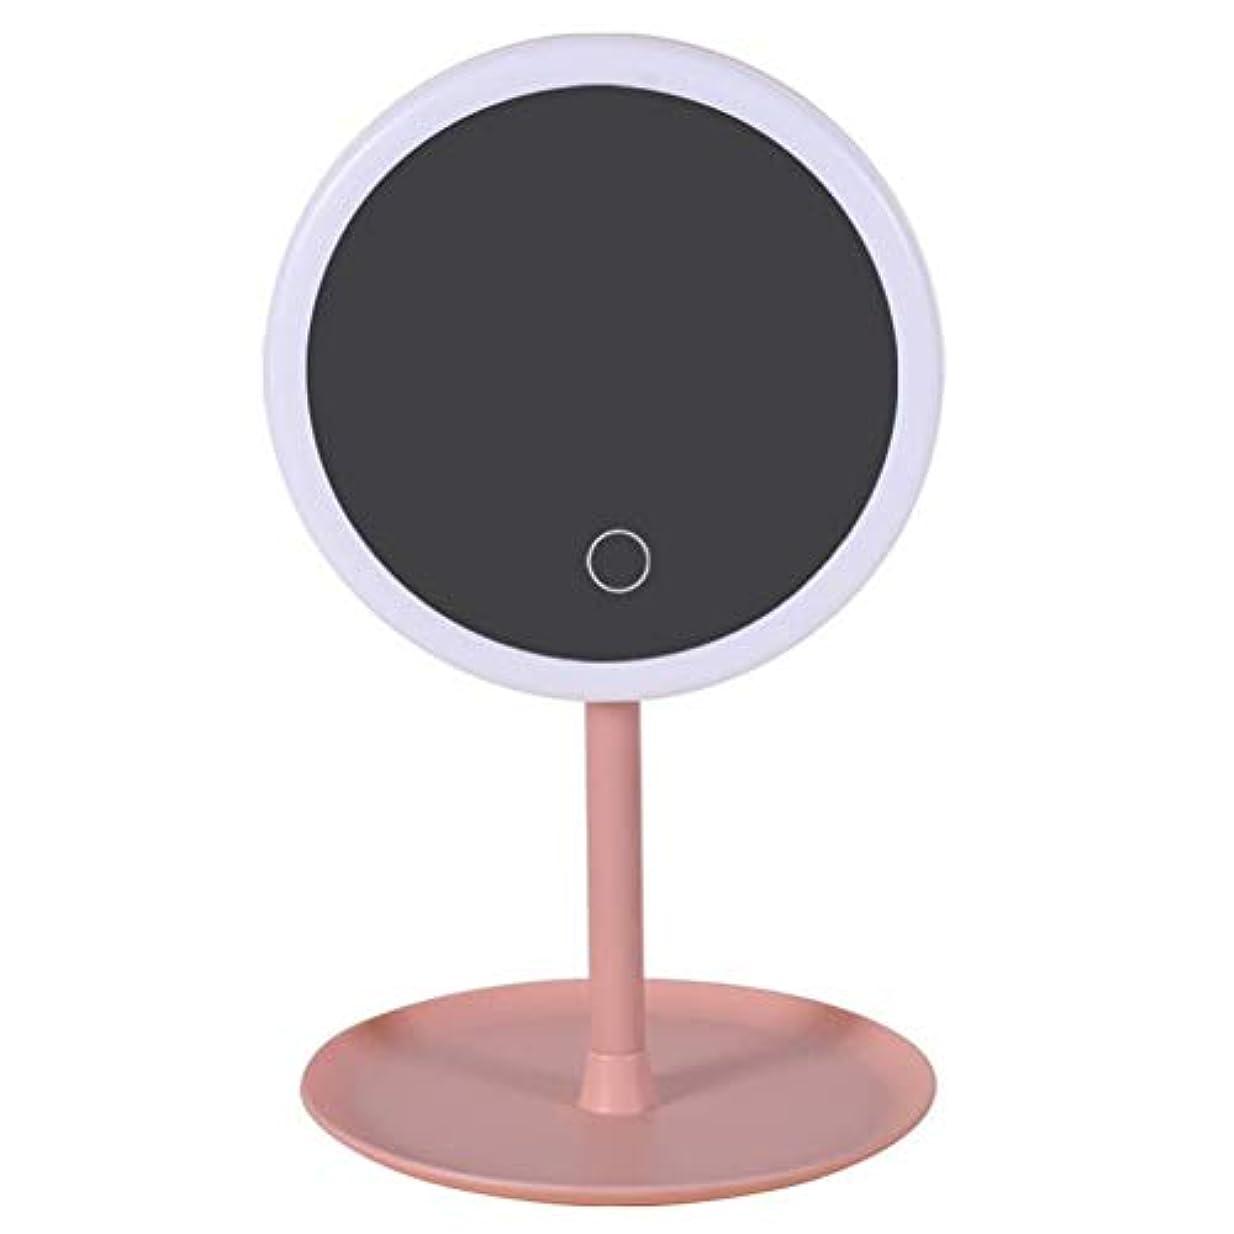 決定する最もなめるOutpicker LED化粧鏡 USB女優ミラー 卓上ミラー ライト付きミラー 角度調整可 スタンドミラー メイク かがみ化粧道具 円型 可収納 USB給電 (ピンク)